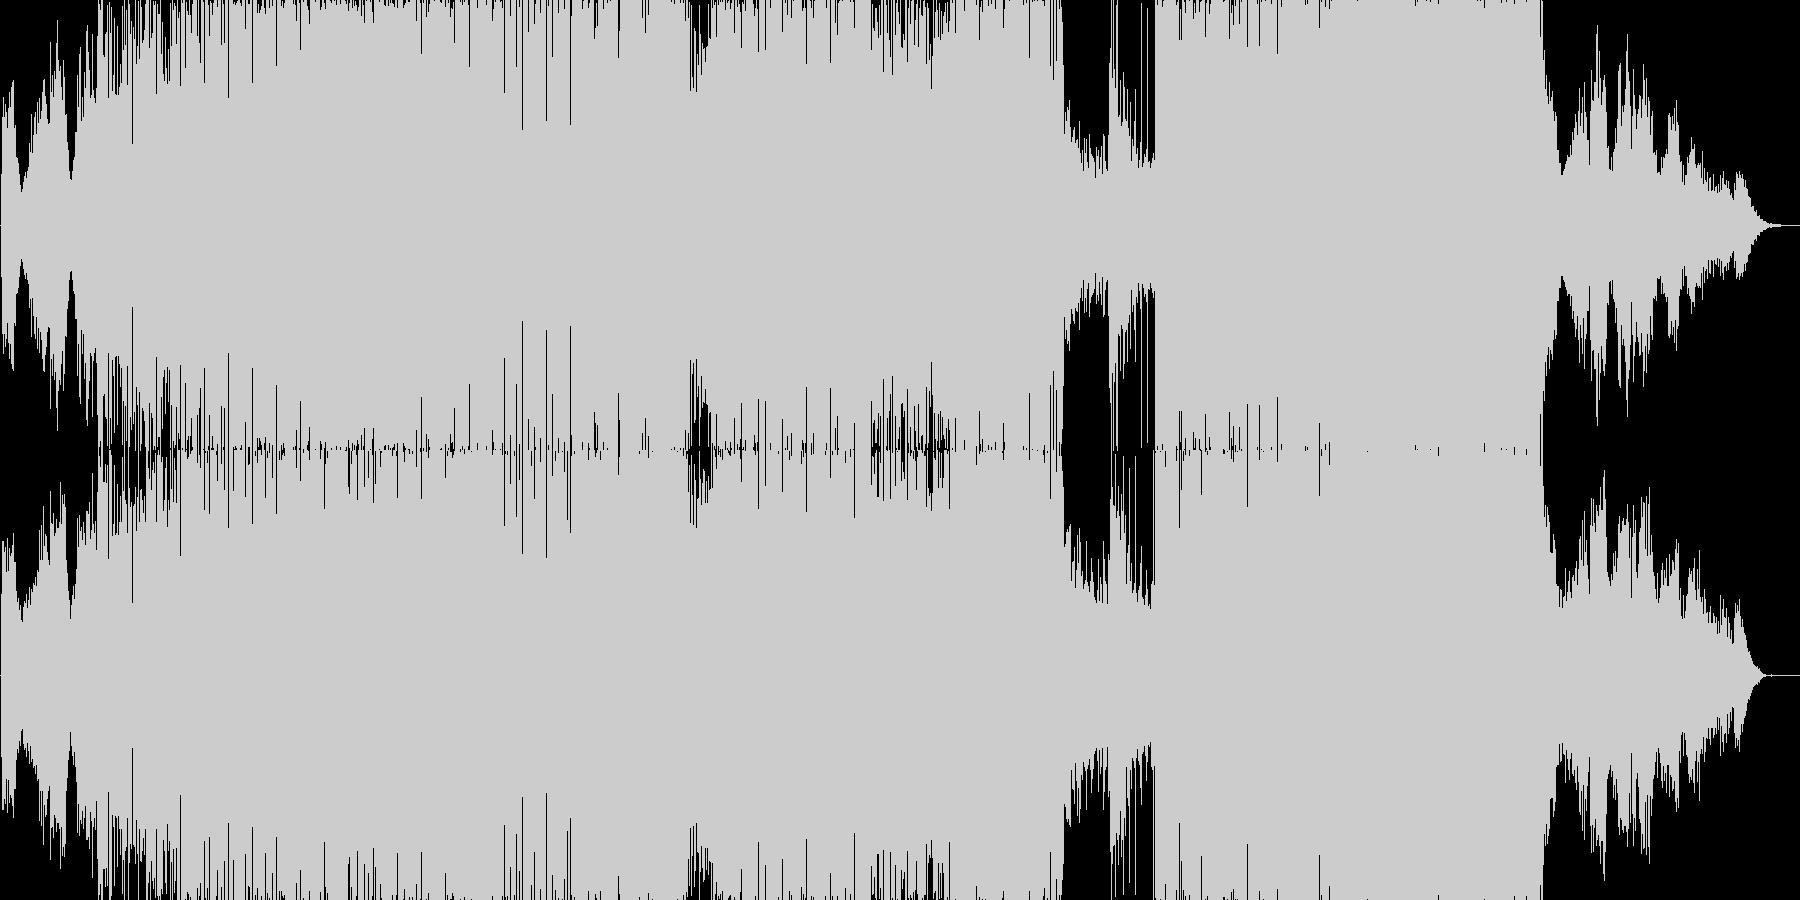 比較的アンビエントなサウンドで後半D&…の未再生の波形